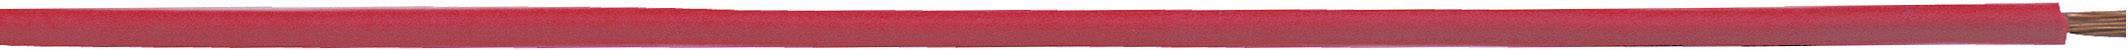 Opletenie / lanko LappKabel 4510142 H05V-K, 1 x 0.75 mm², vonkajší Ø 2.40 mm, 100 m, tmavomodrá